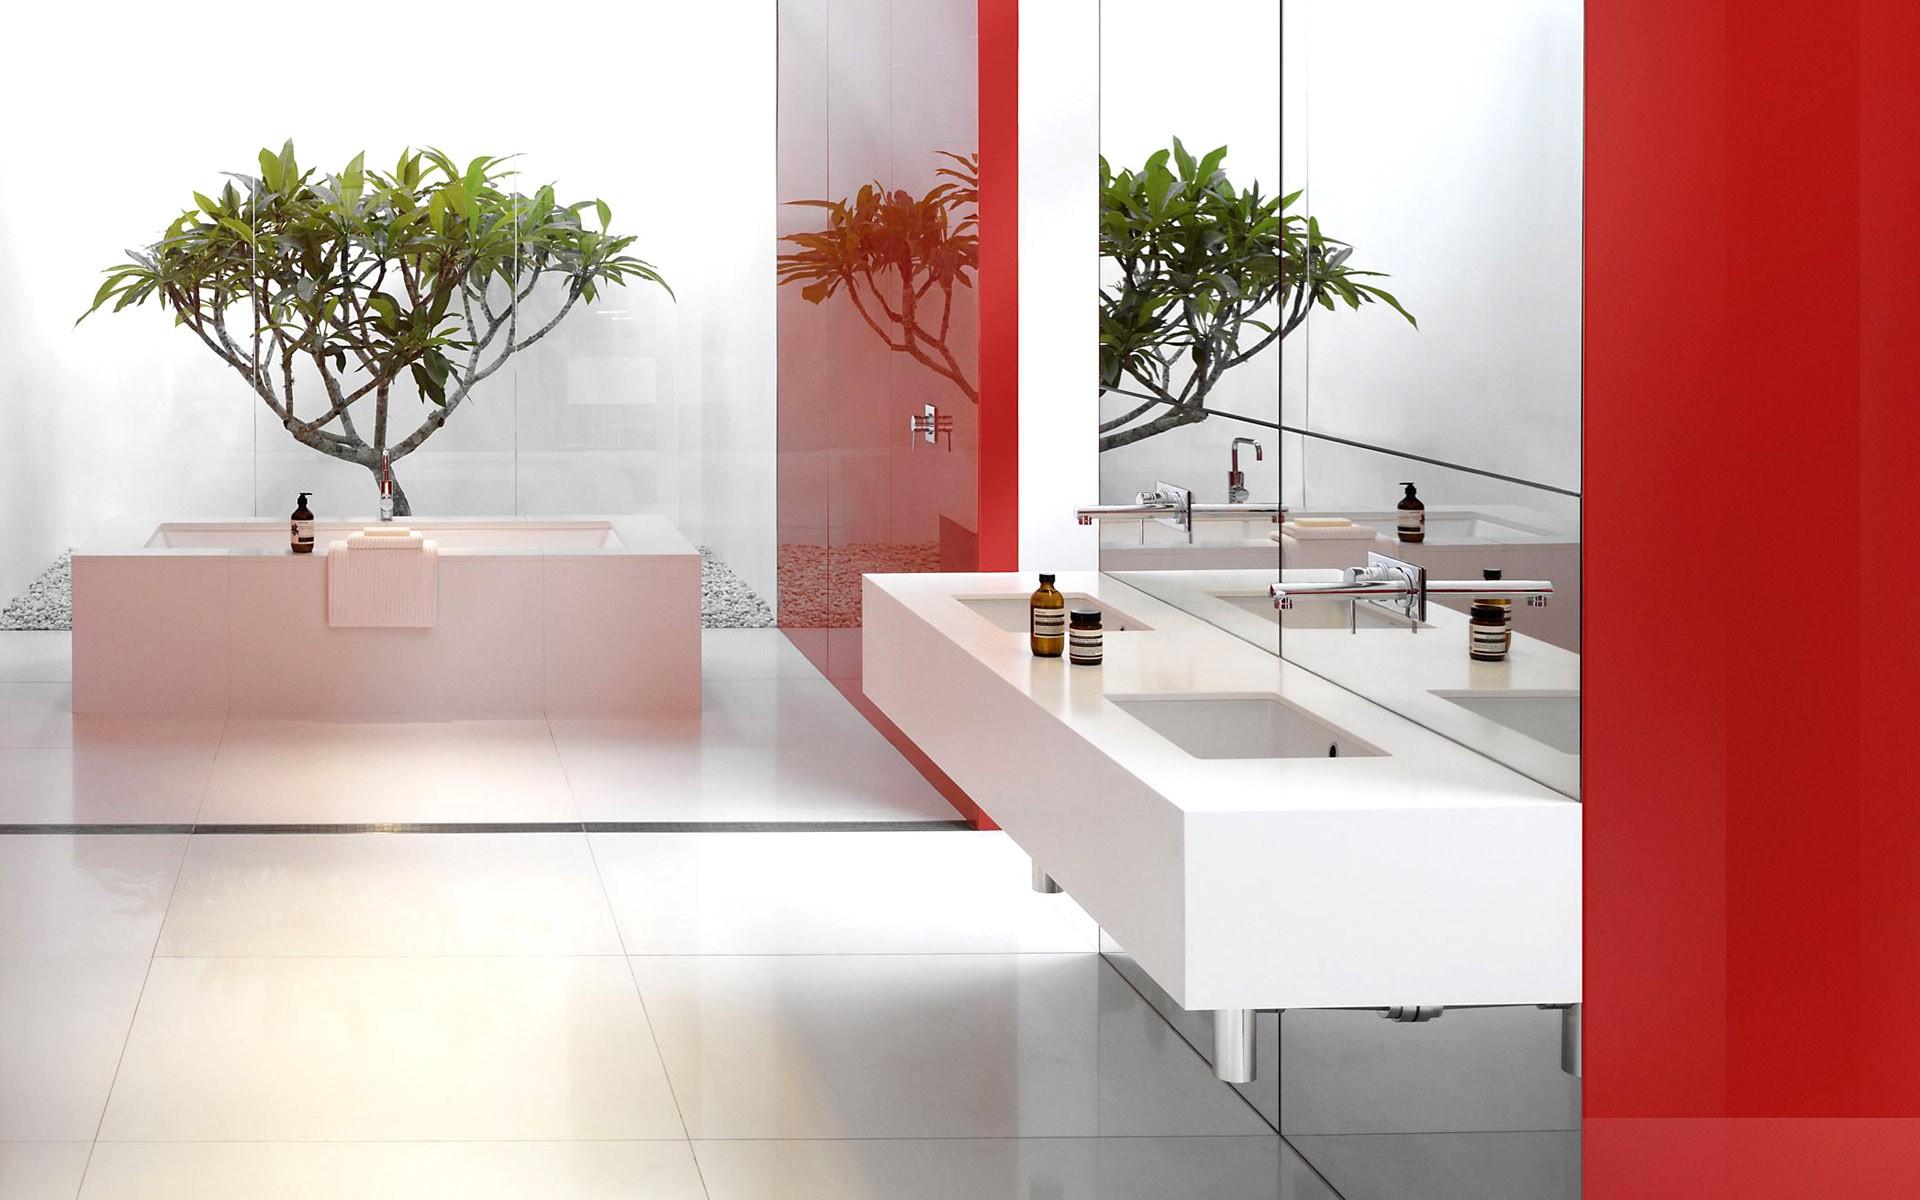 Dise o de lavamanos hd 1920x1200 imagenes wallpapers - Lavamanos de diseno ...